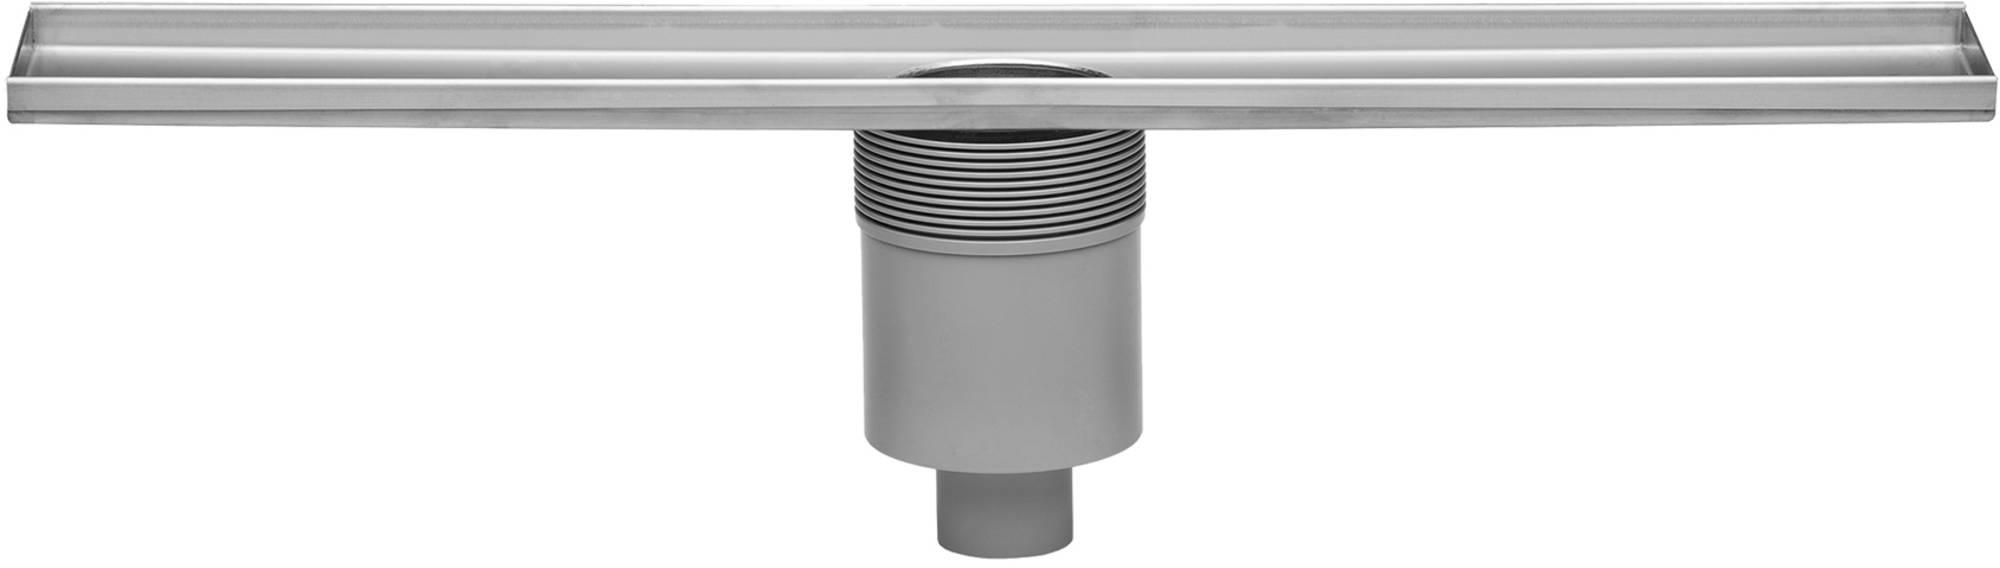 Easydrain Multi douchegoot 90 cm, onderuitloop zonder rooster, rvs